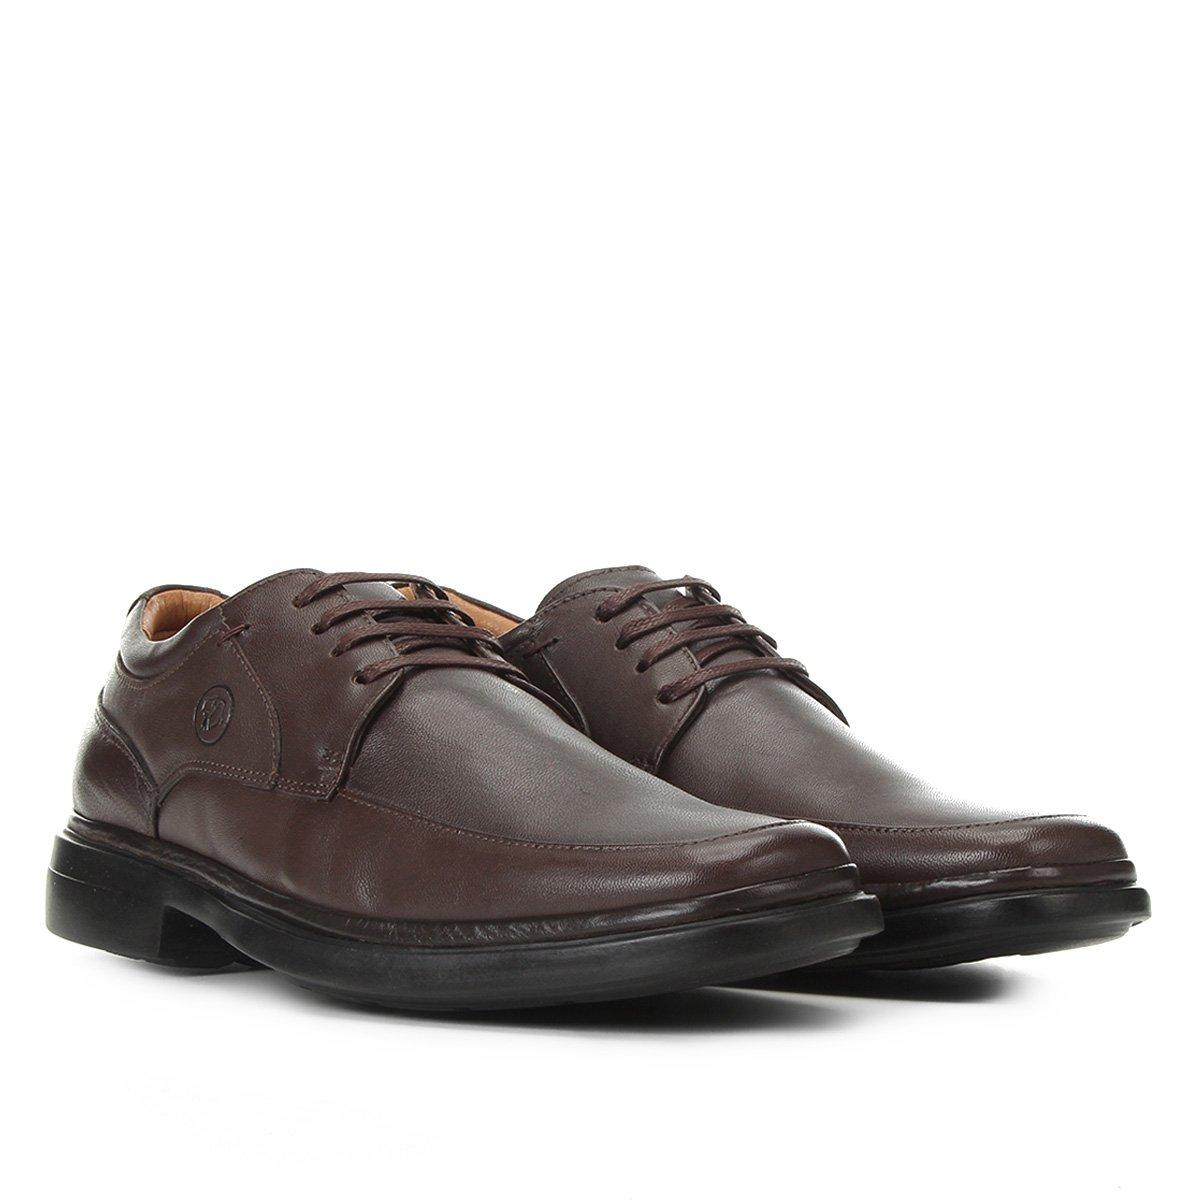 Sapato Conforto Anatomic Gel 5920 Masculino